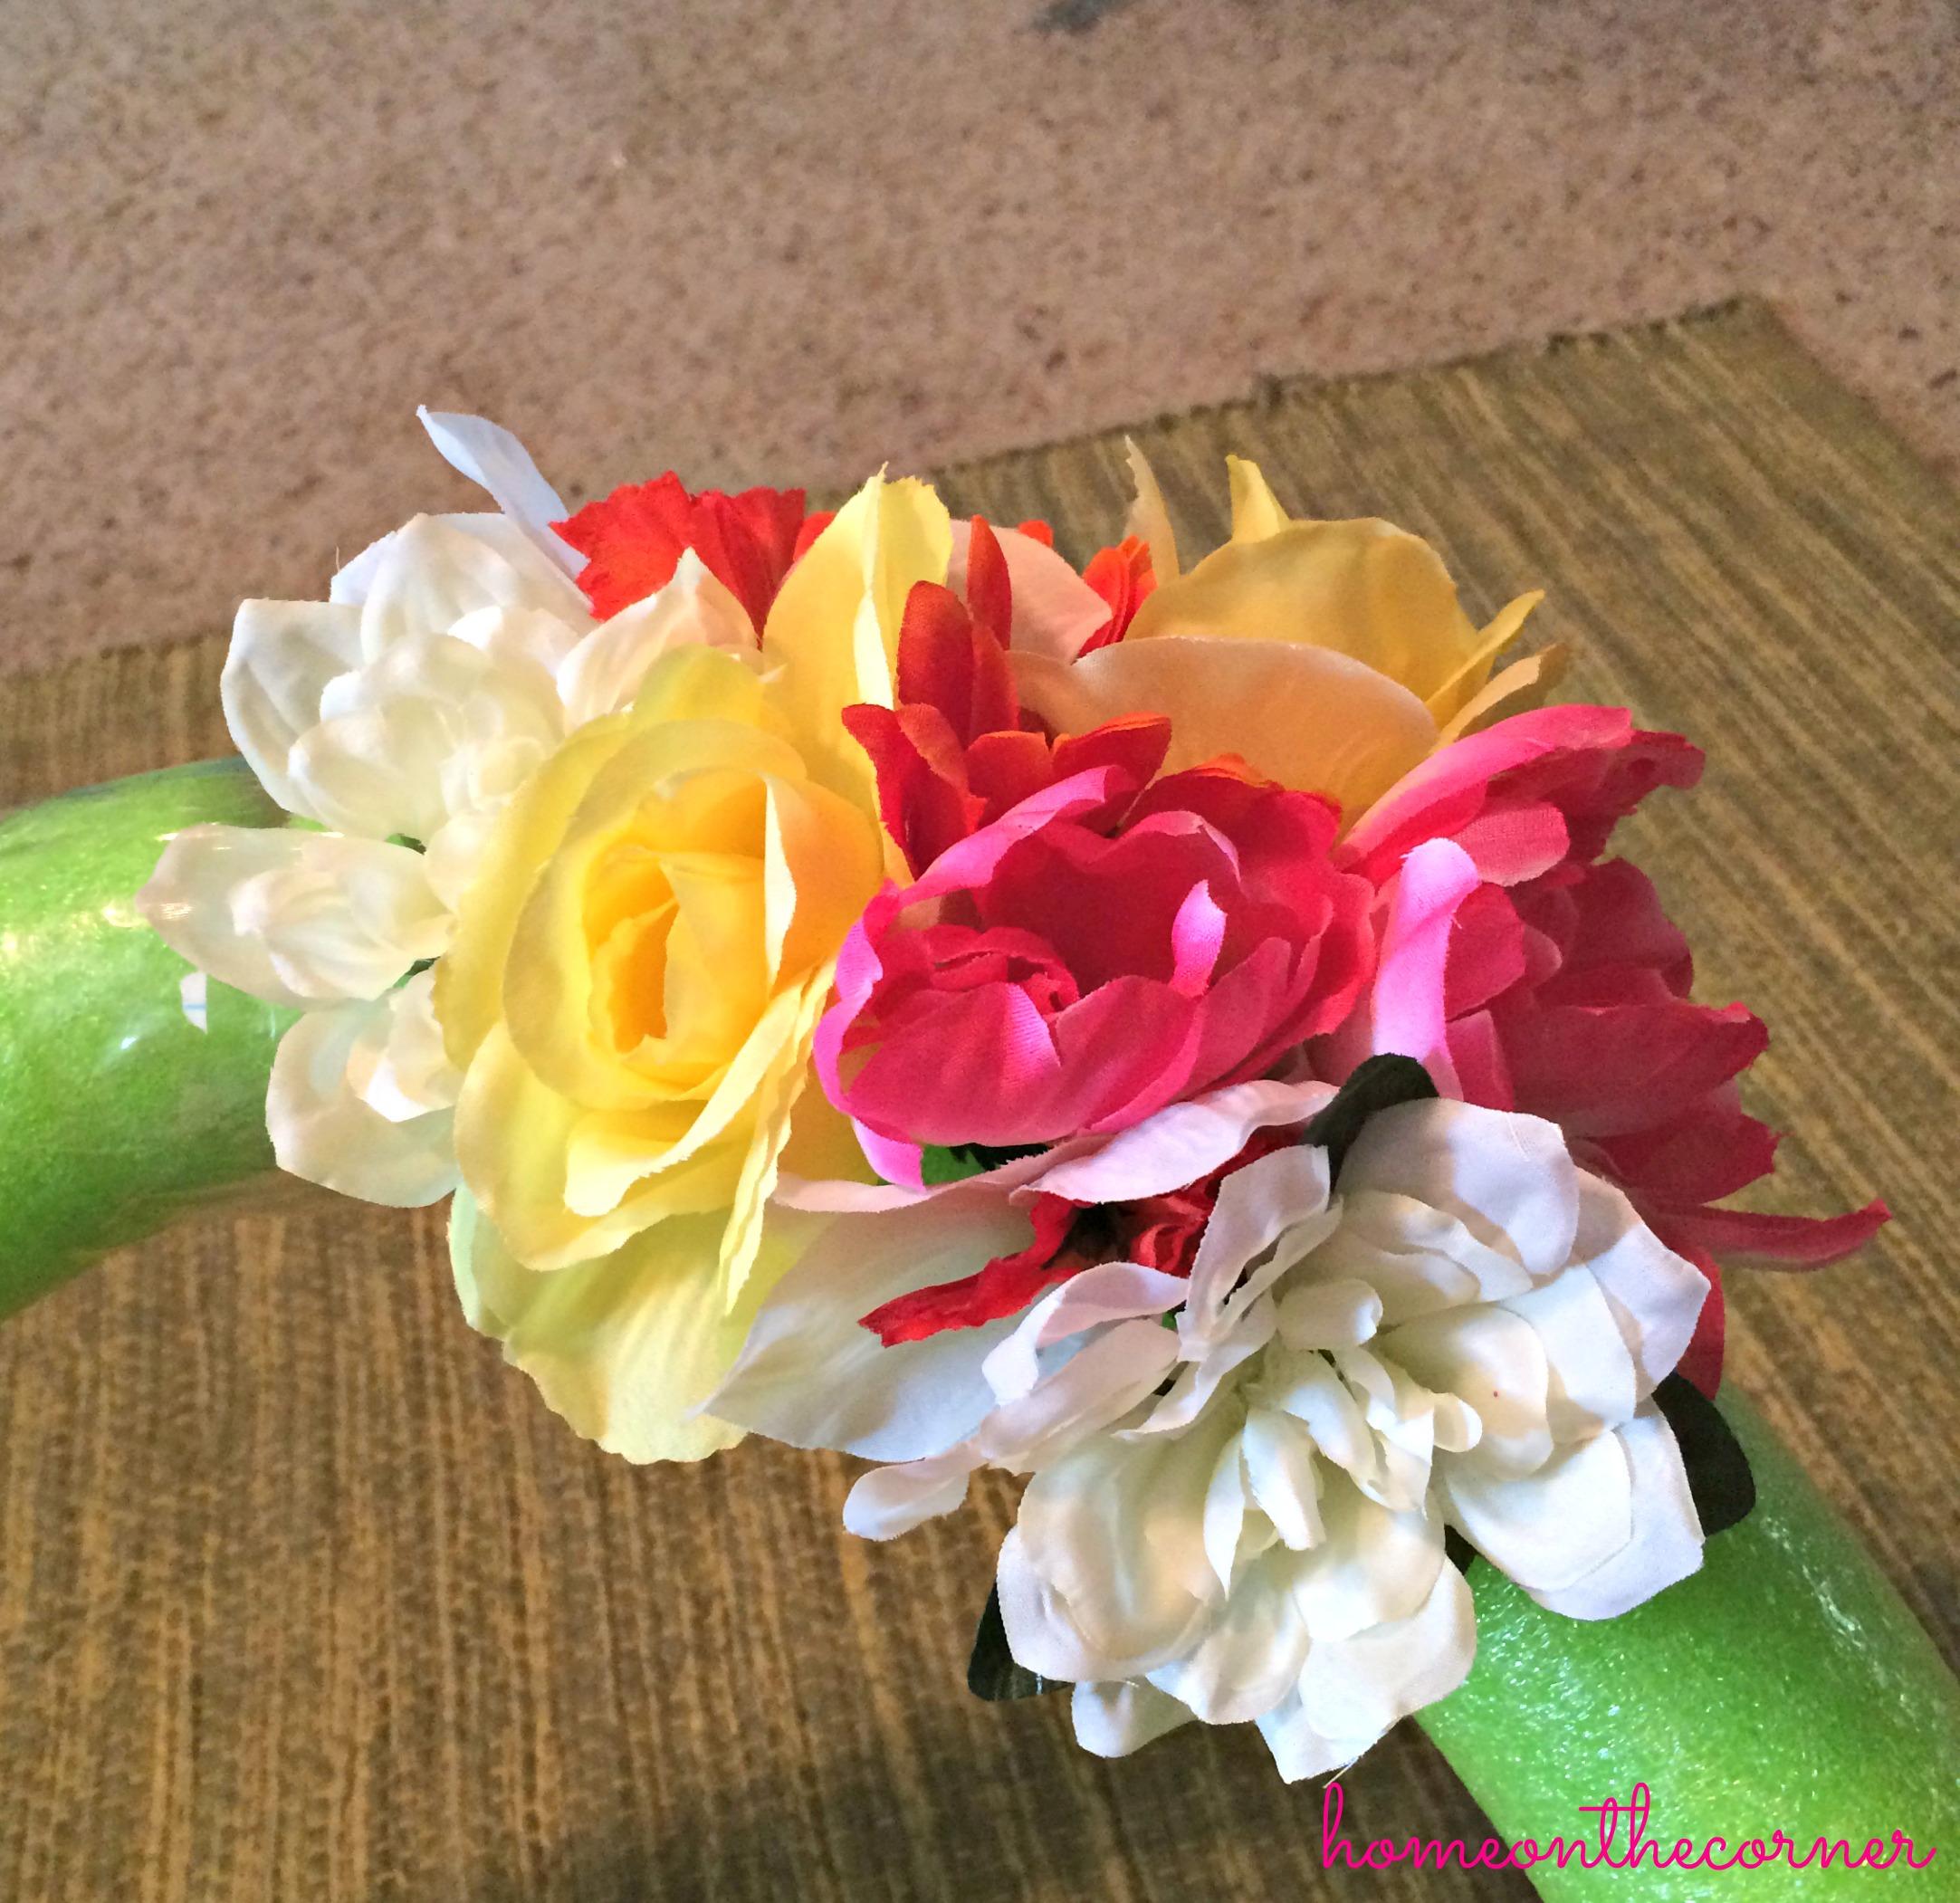 Flower Wreath Flower Placement